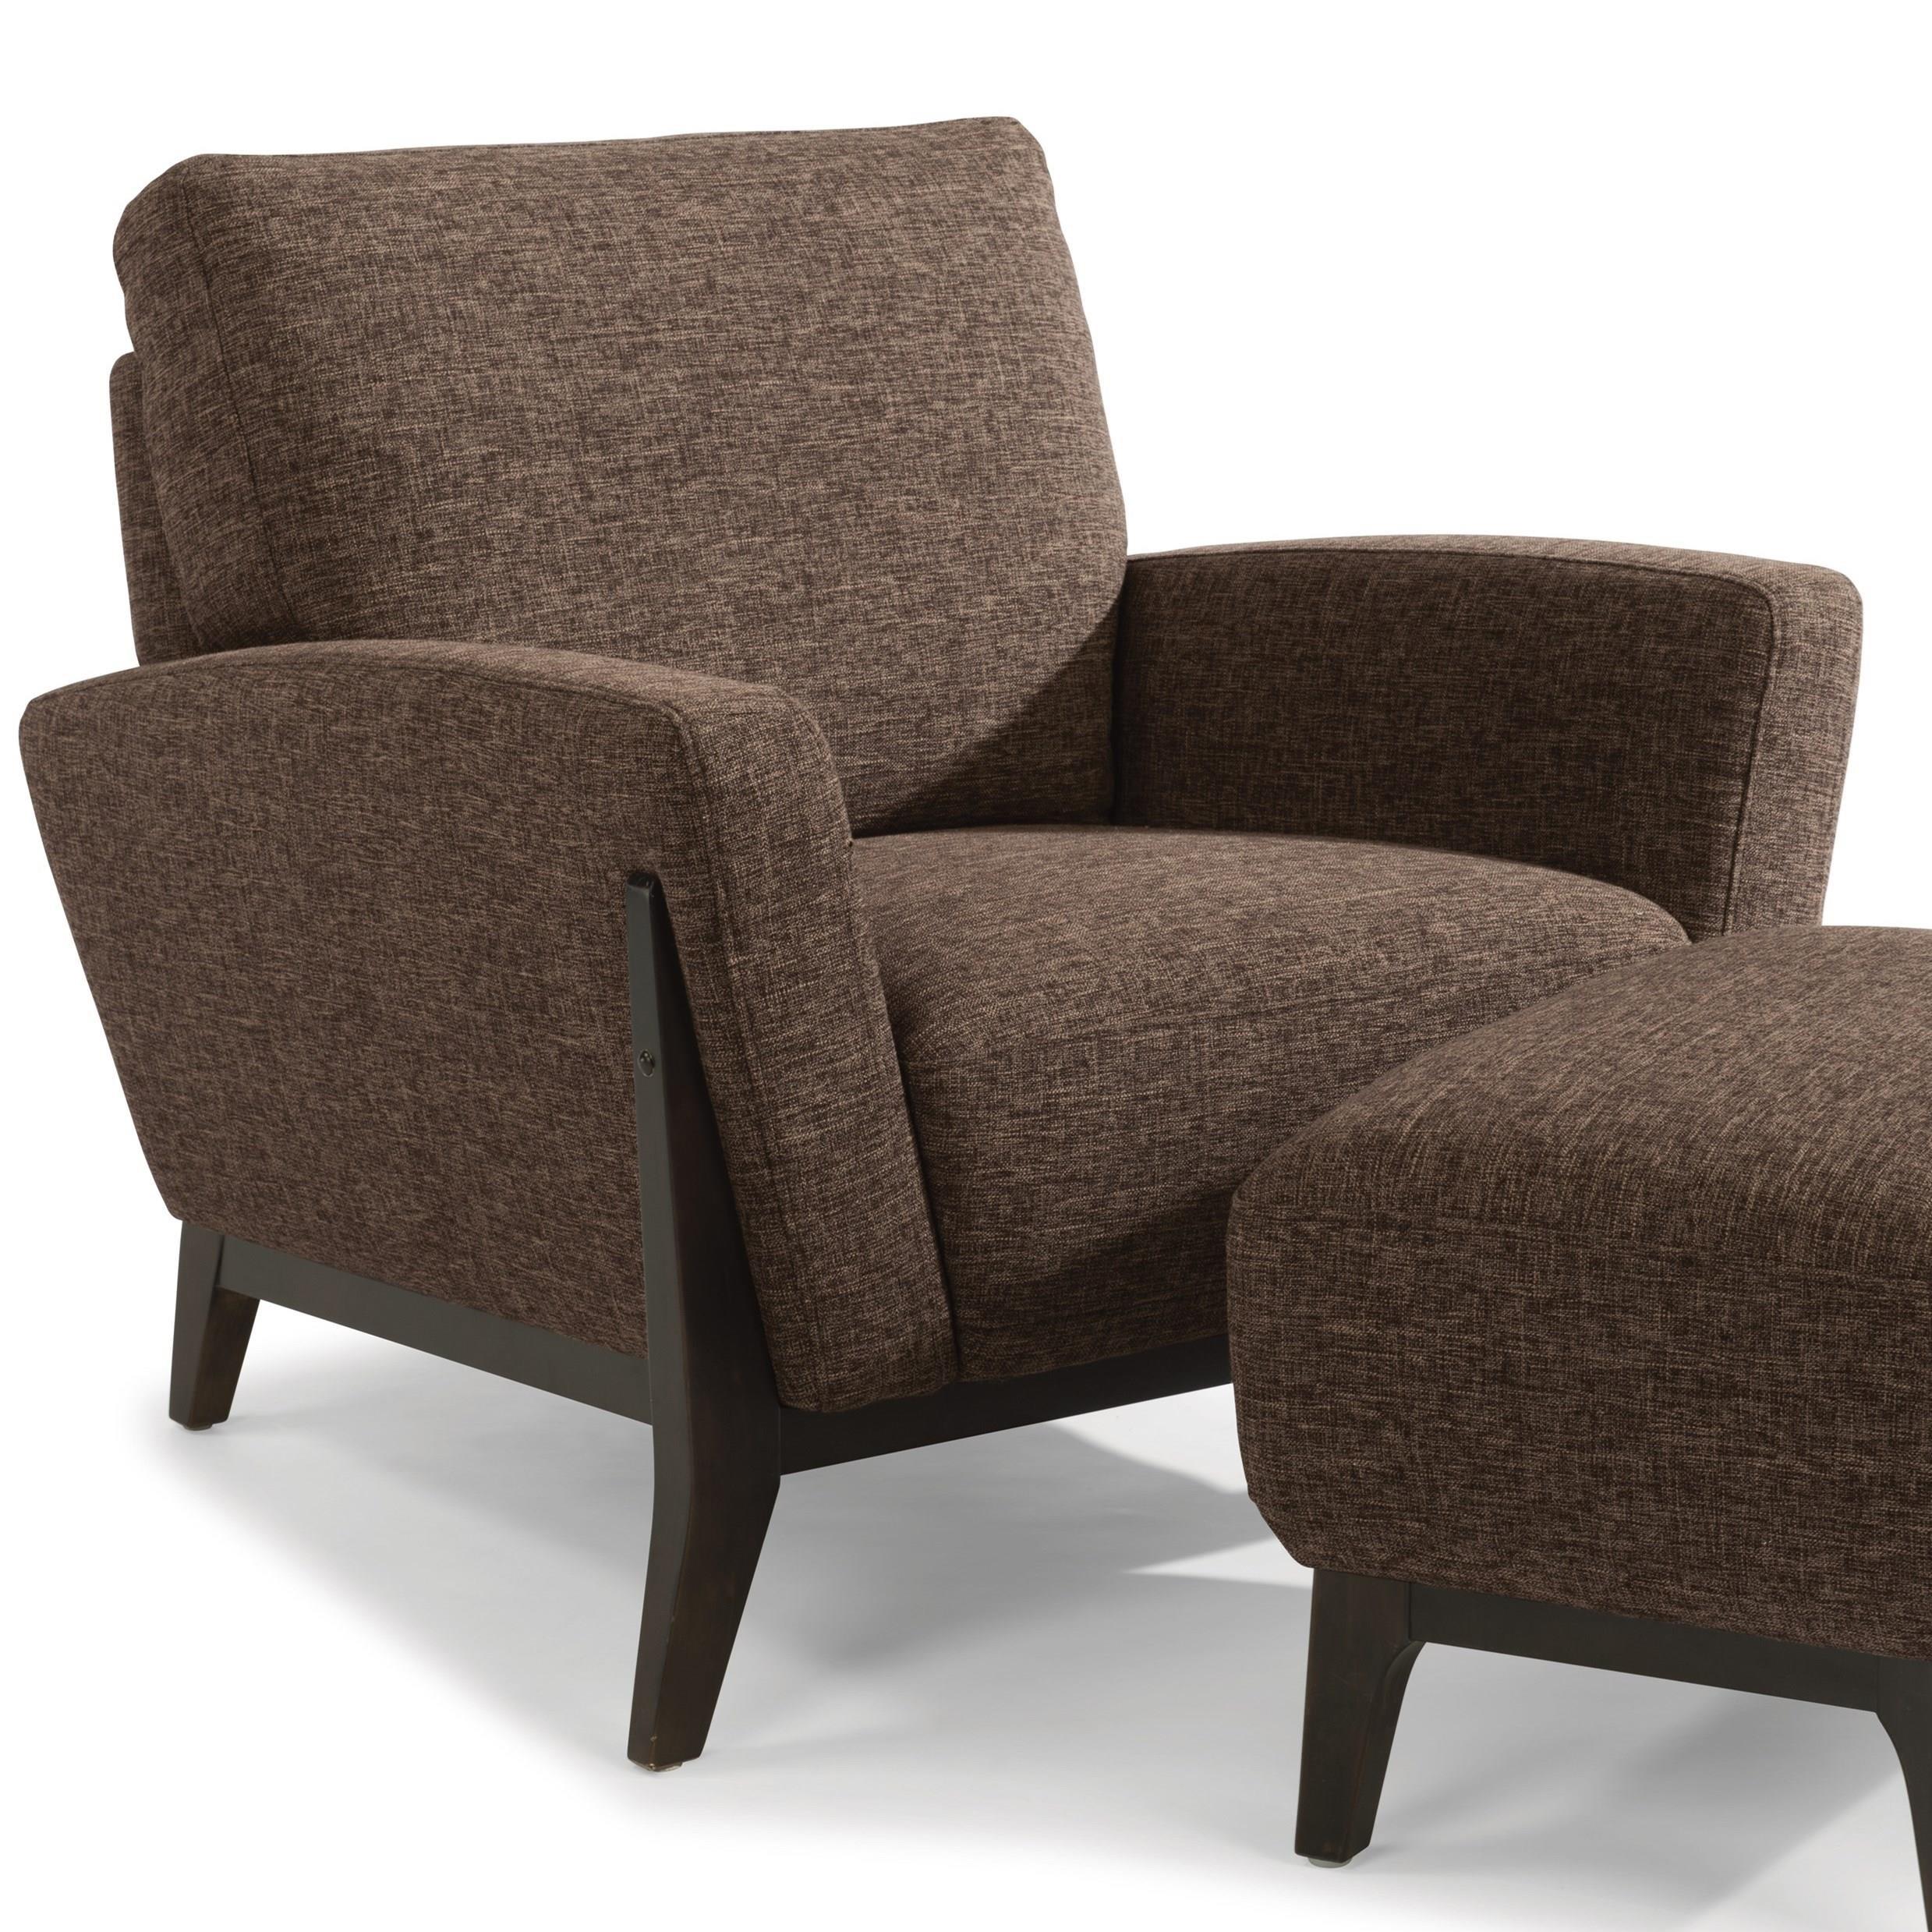 Flexsteel Latitudes-Draper Chair - Item Number: 1780-10-339-70